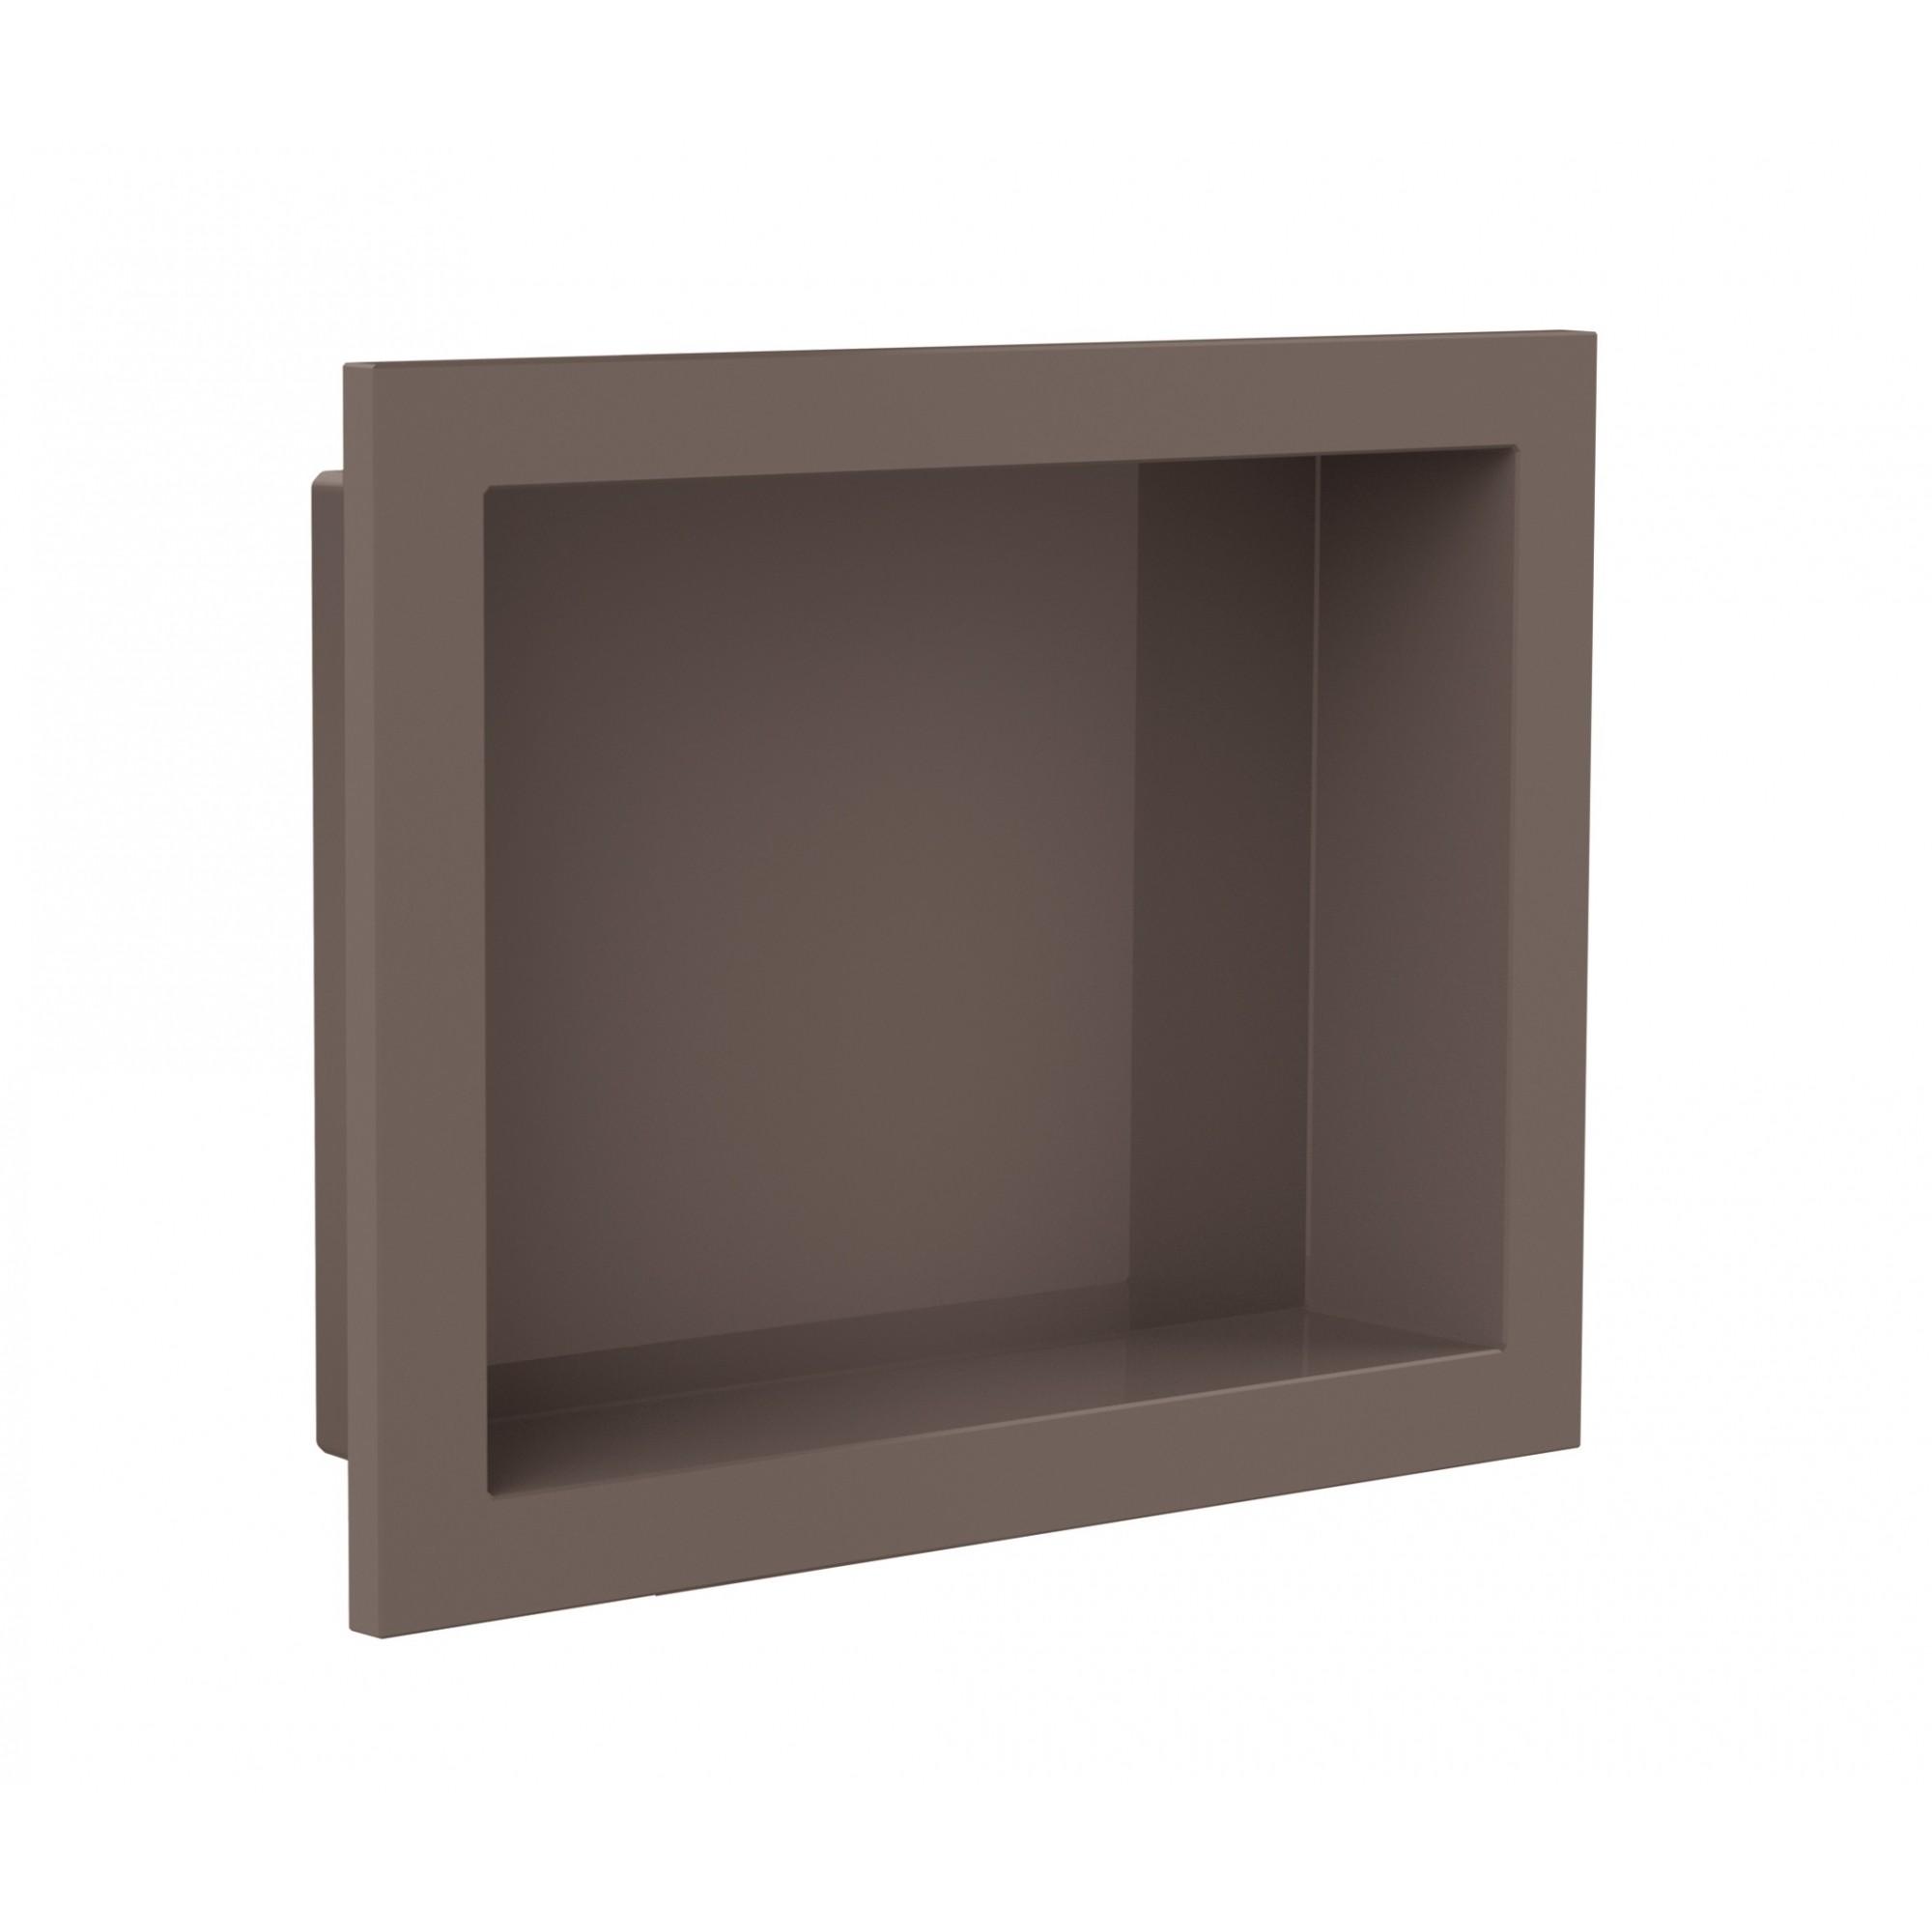 Nicho Para Banheiro Parede Embutir 30x40cm Cappucino